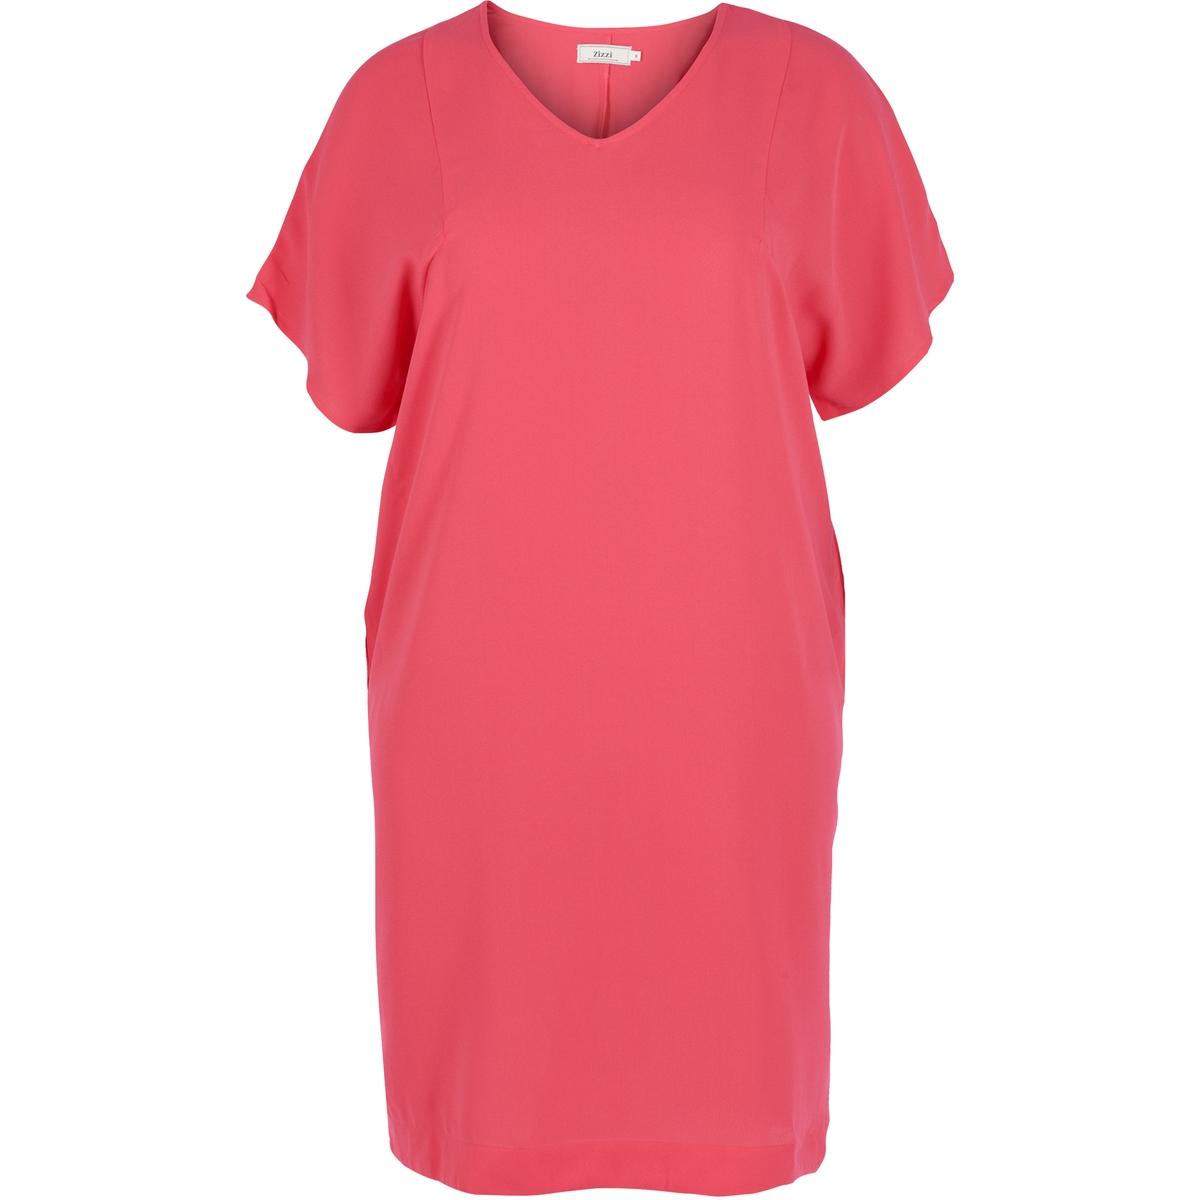 ПлатьеУдобное и мягкое платье . Небольшие шлицы по бокам и потайные карманы . Красивые короткие рукава и V-образный вырез . Длина немного выше колена .<br><br>Цвет: красный<br>Размер: 54/56 (FR) - 60/62 (RUS)